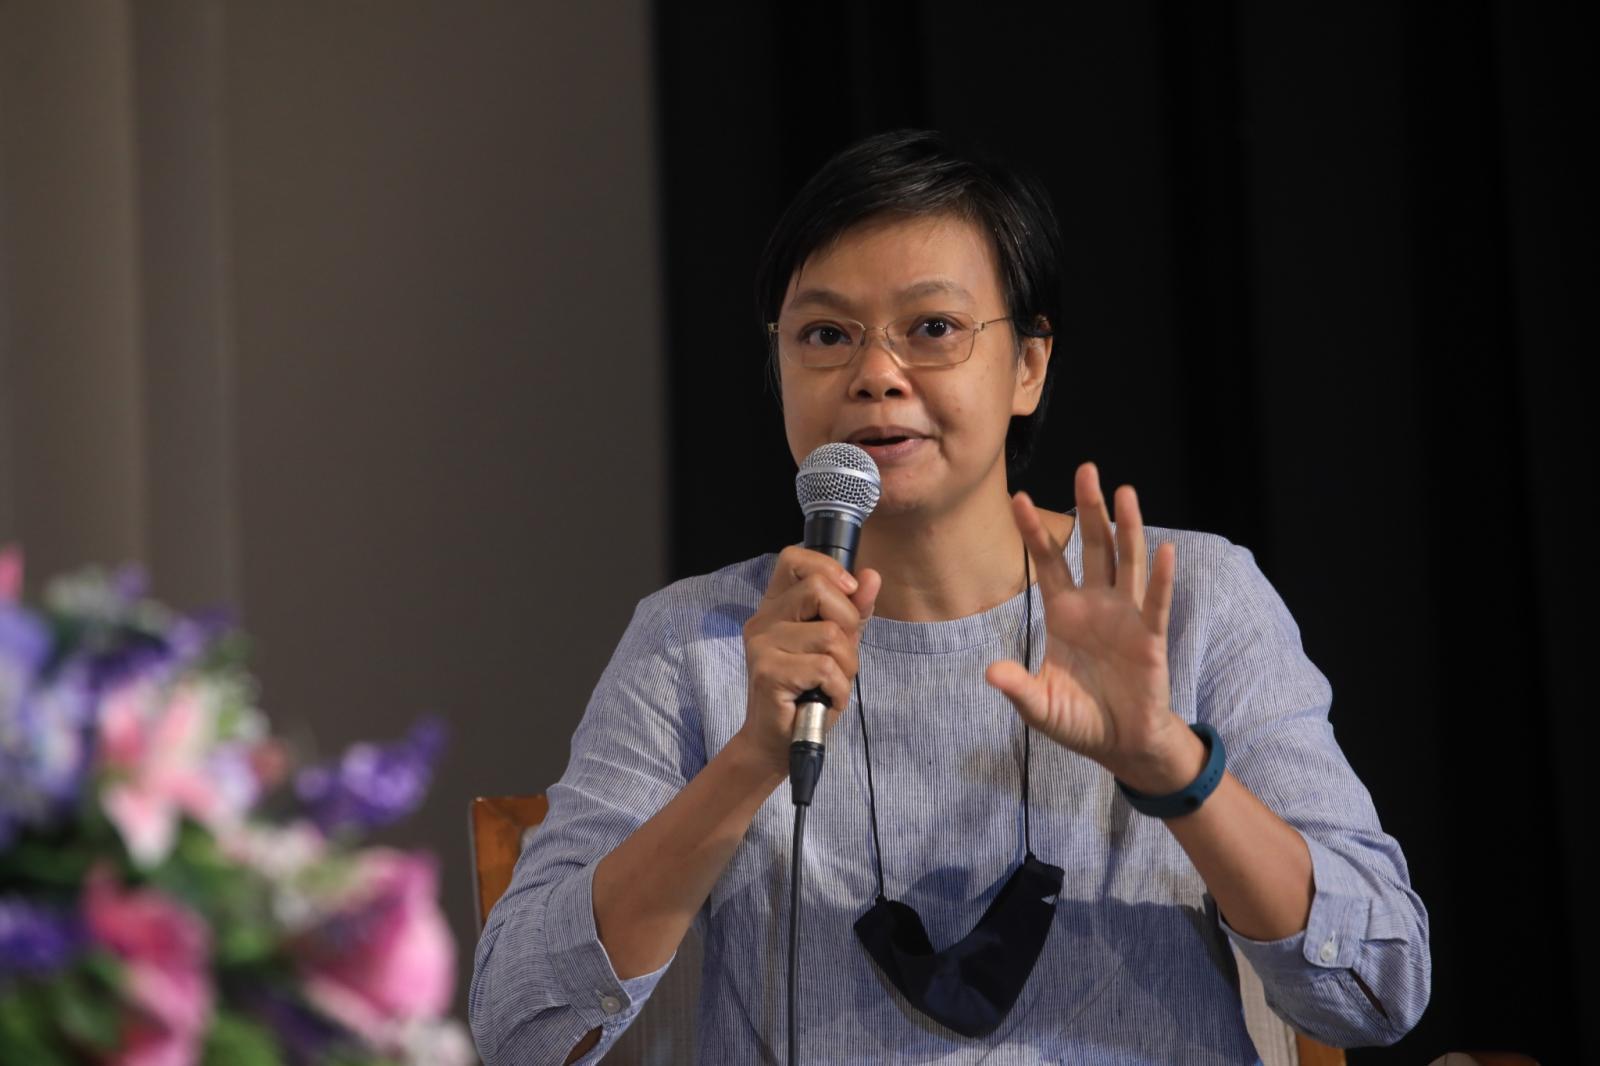 """""""กล้าพูด-สังคมตระหนัก-รัฐสนับสนุน"""" ทางแก้เด็กและเยาวชนไทยถูกล่วงละเมิดทางเพศ"""